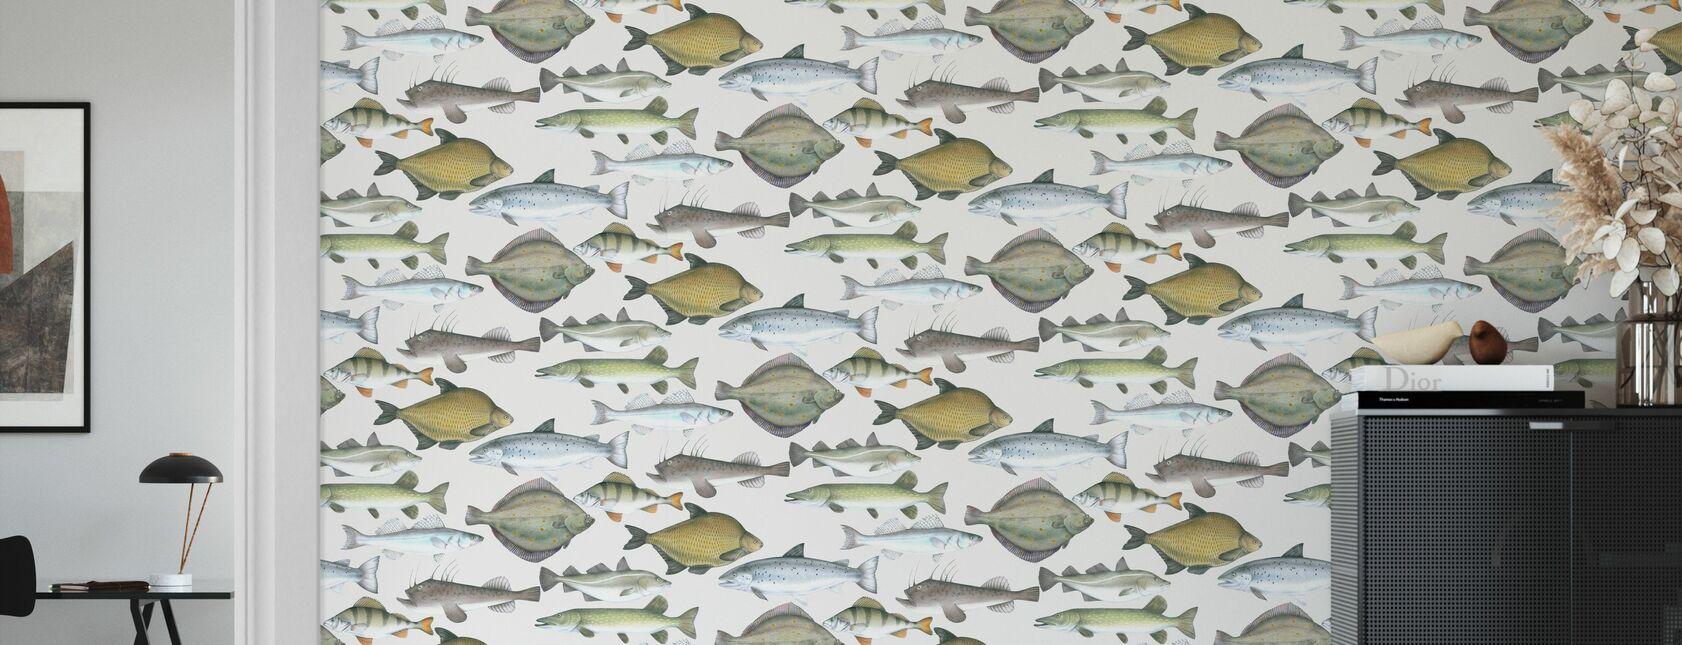 Fisk Mönster - Tapet - Vardagsrum